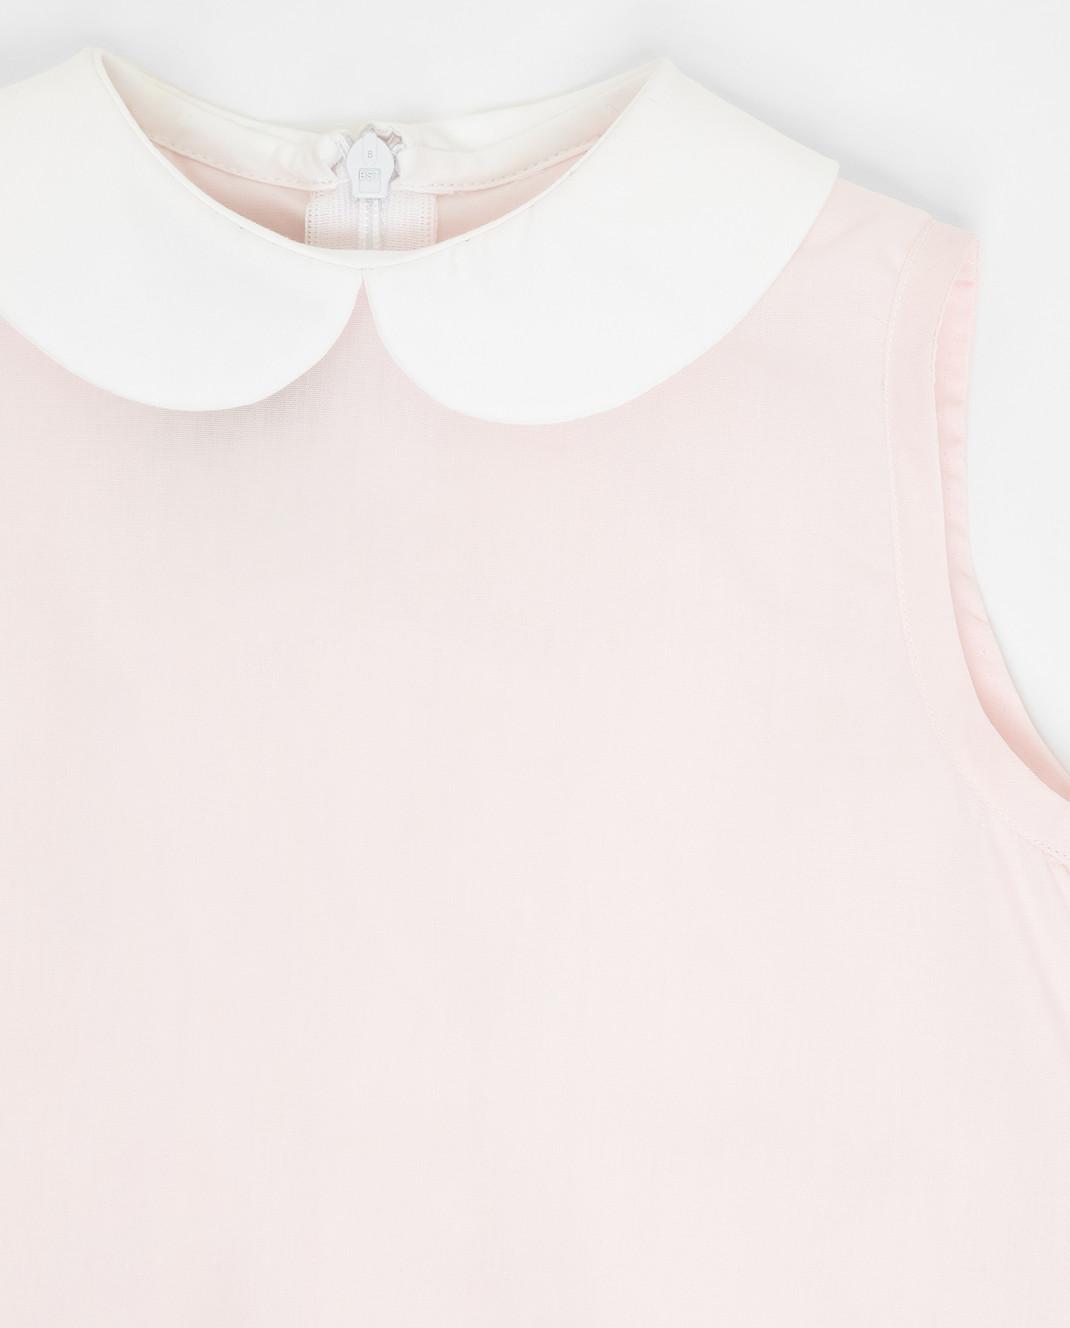 CAF Детский розовый топ 70PO56 изображение 3